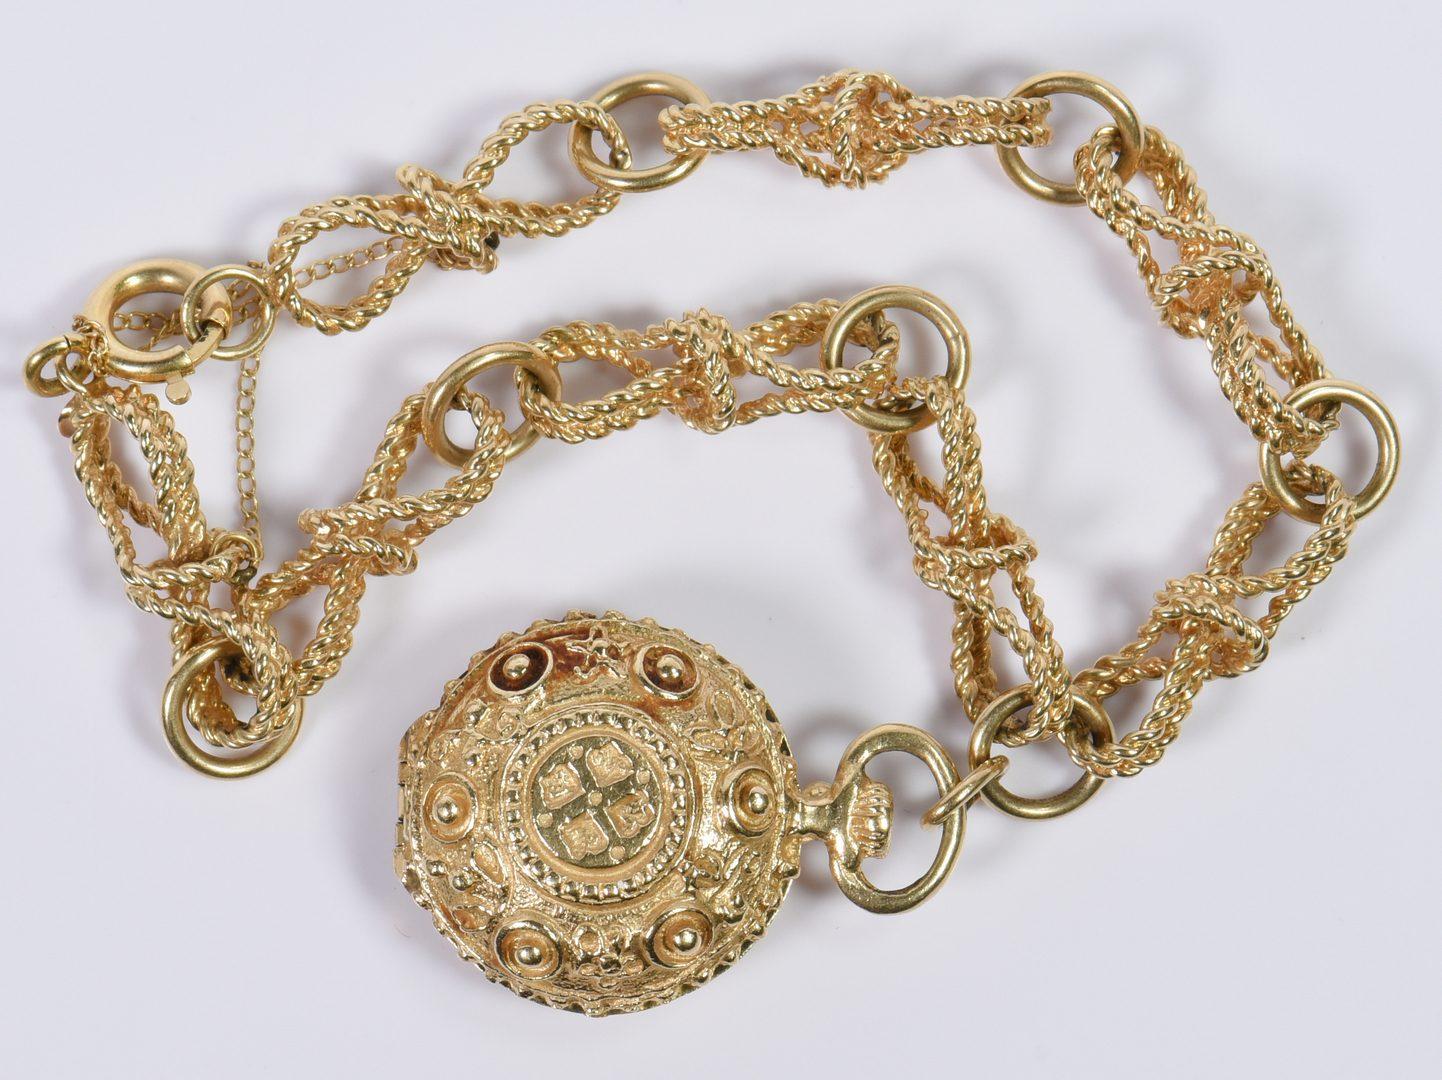 Lot 10: 14K Link Bracelet with Locket